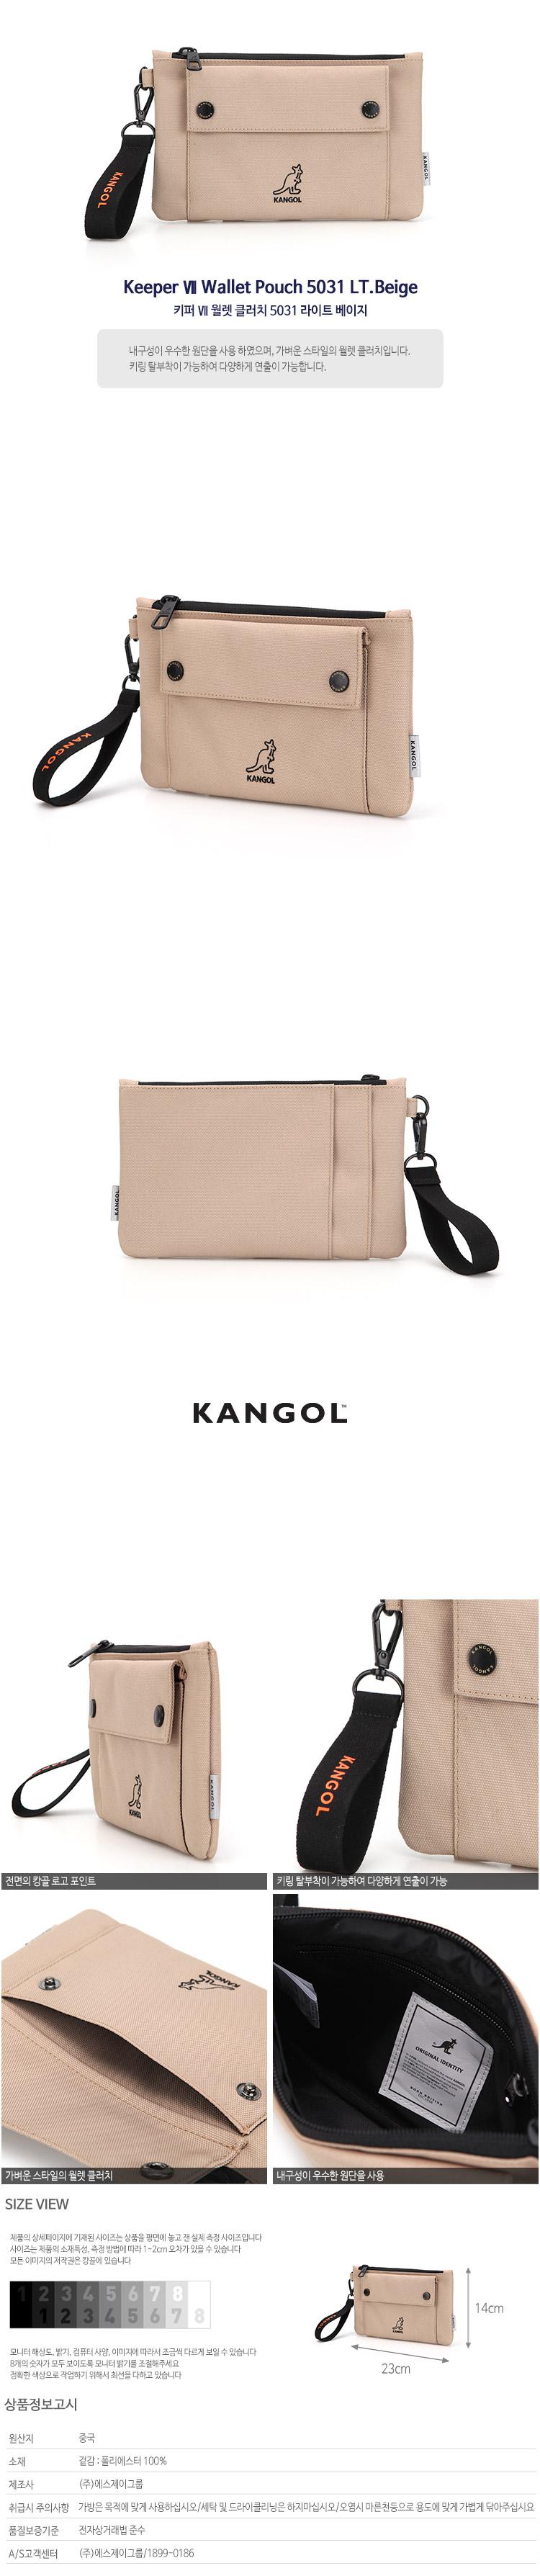 Keeper Ⅶ Wallet Pouch 5031 LT.BEIGE